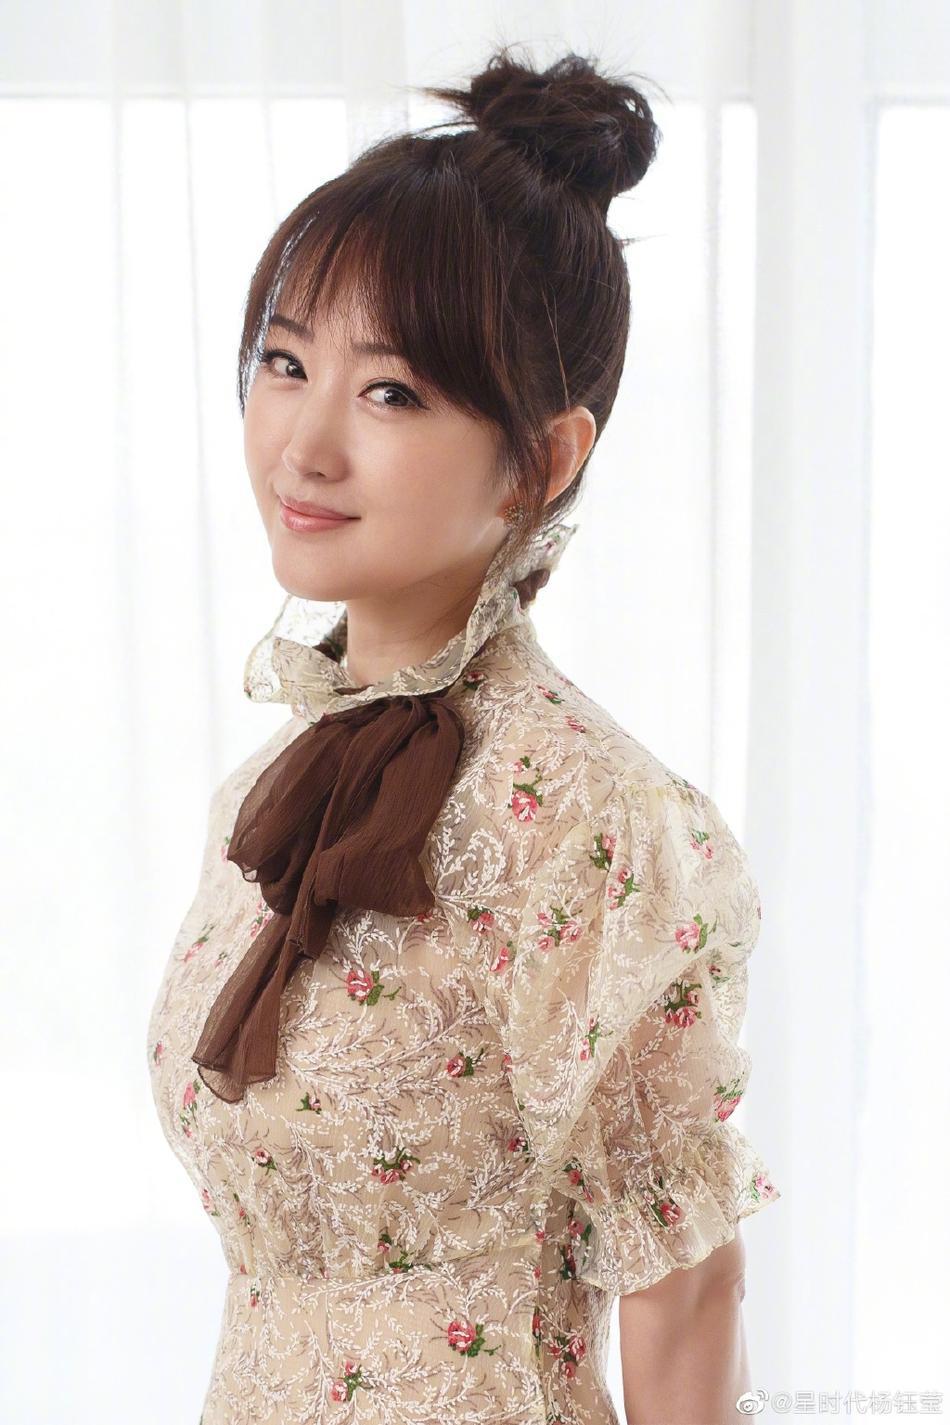 海清女演员窘境韩剧big剧情介绍杨钰莹扎丸子头对镜甜笑 穿碎花蕾丝裙手戴独身戒指